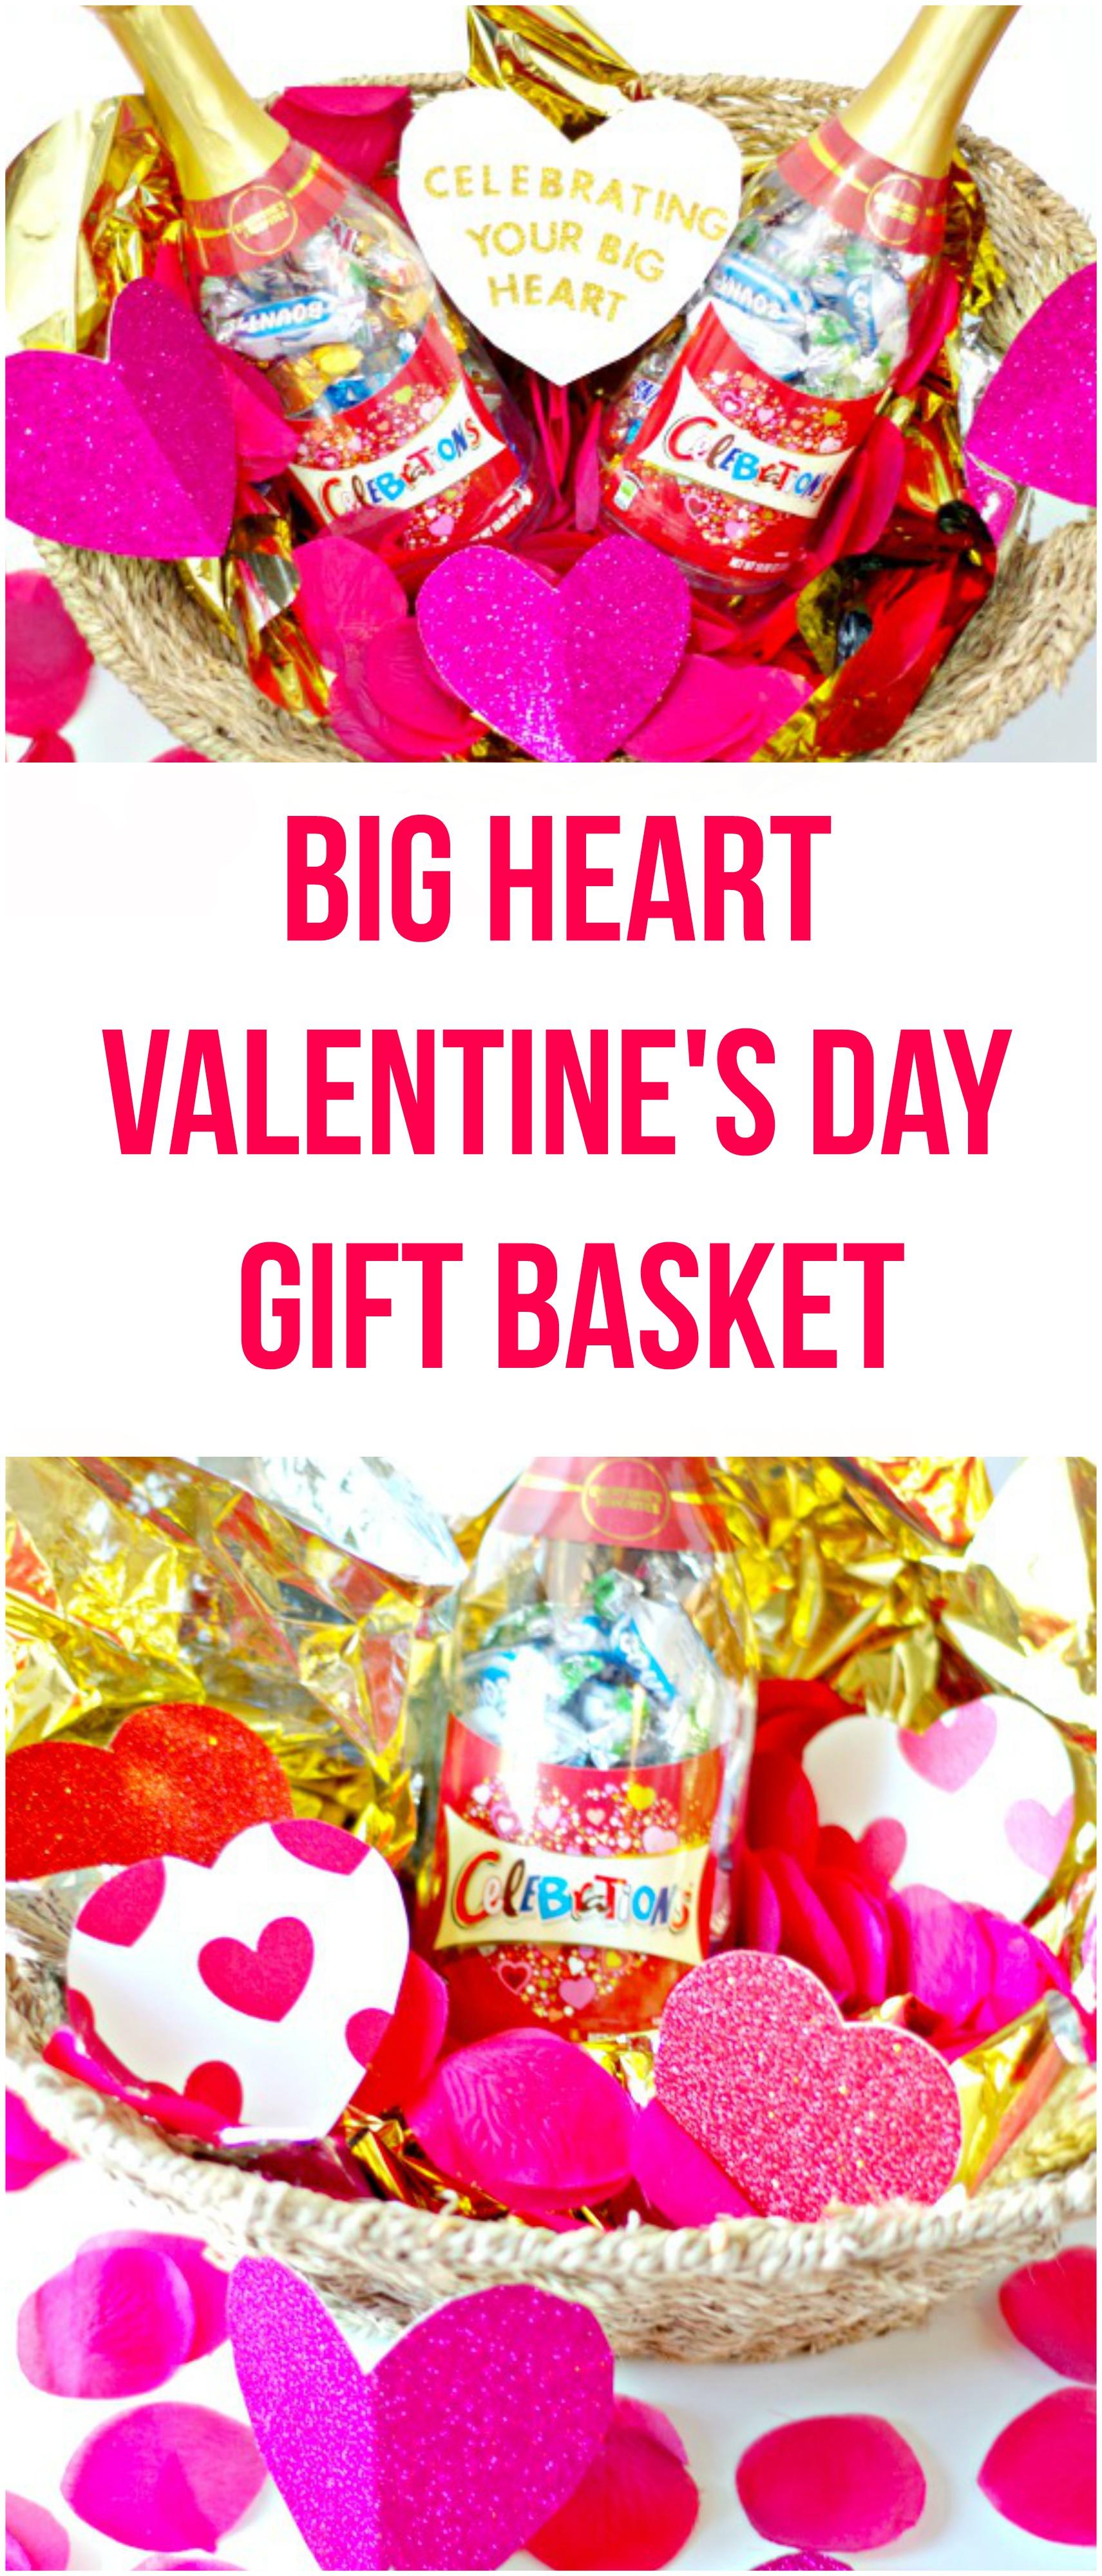 Big Heart Valentineu0027s Day Gift Basket